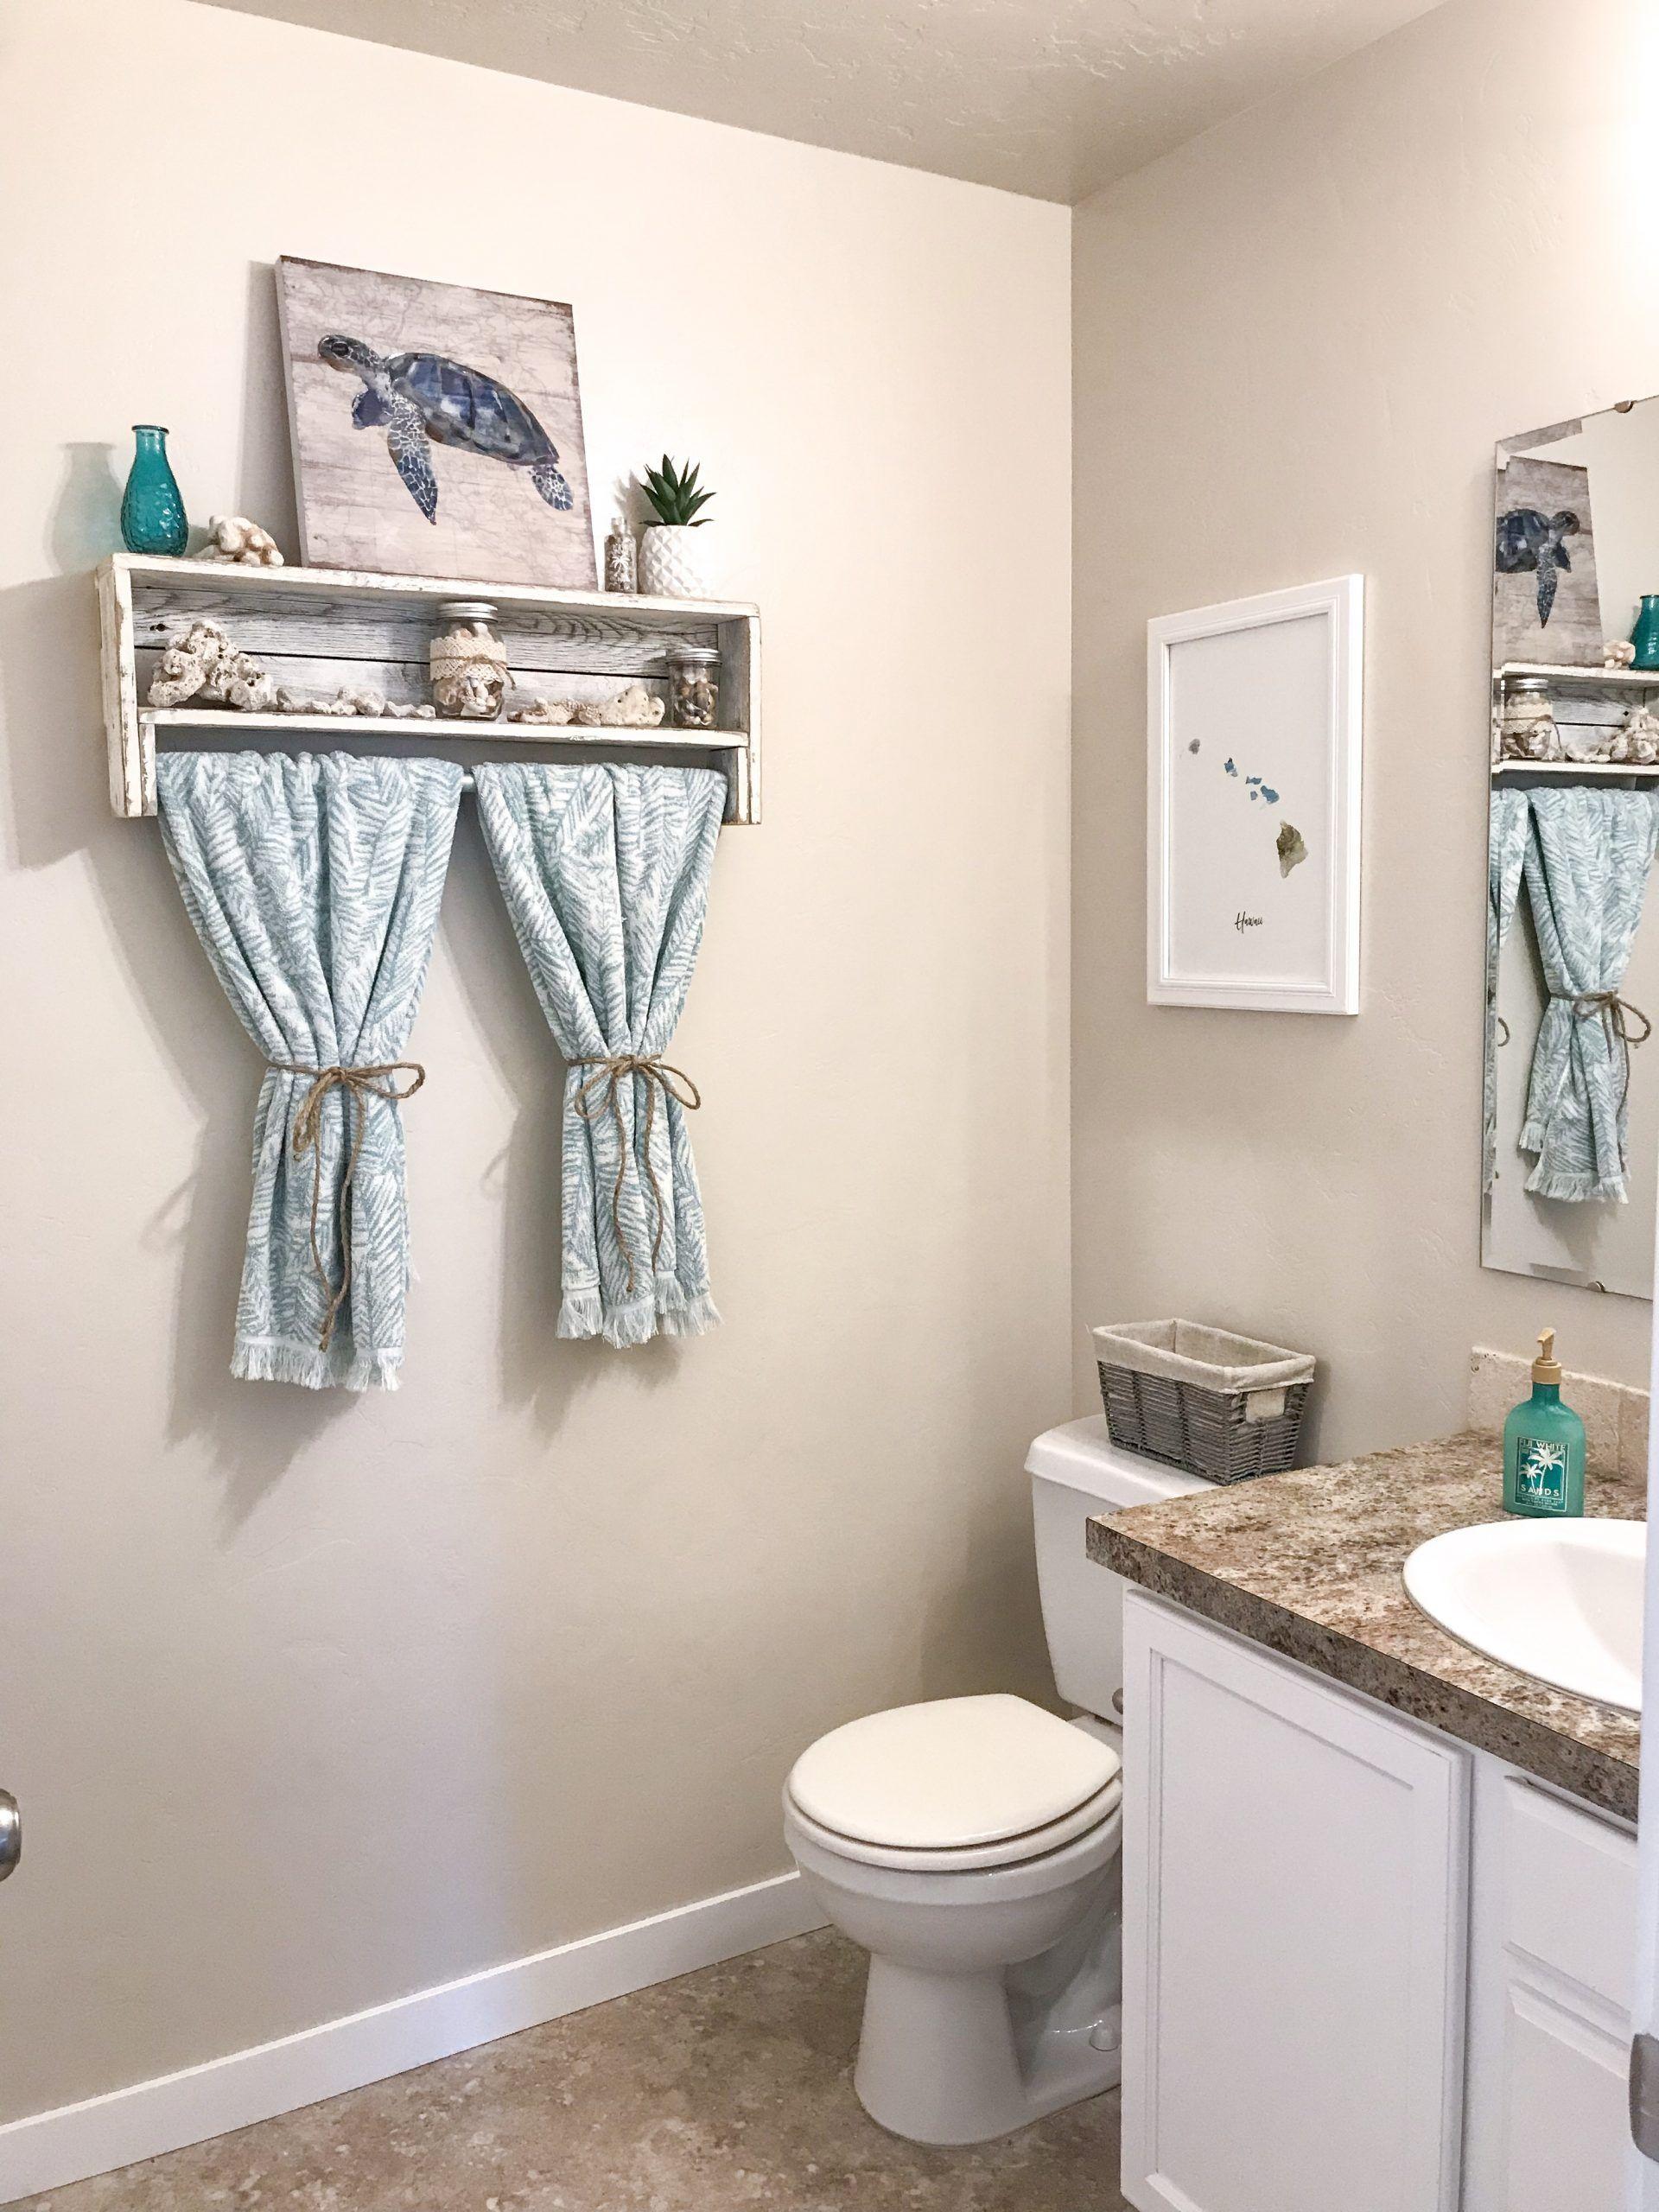 Beach Themed Bathroom Decor Ideas How We Do